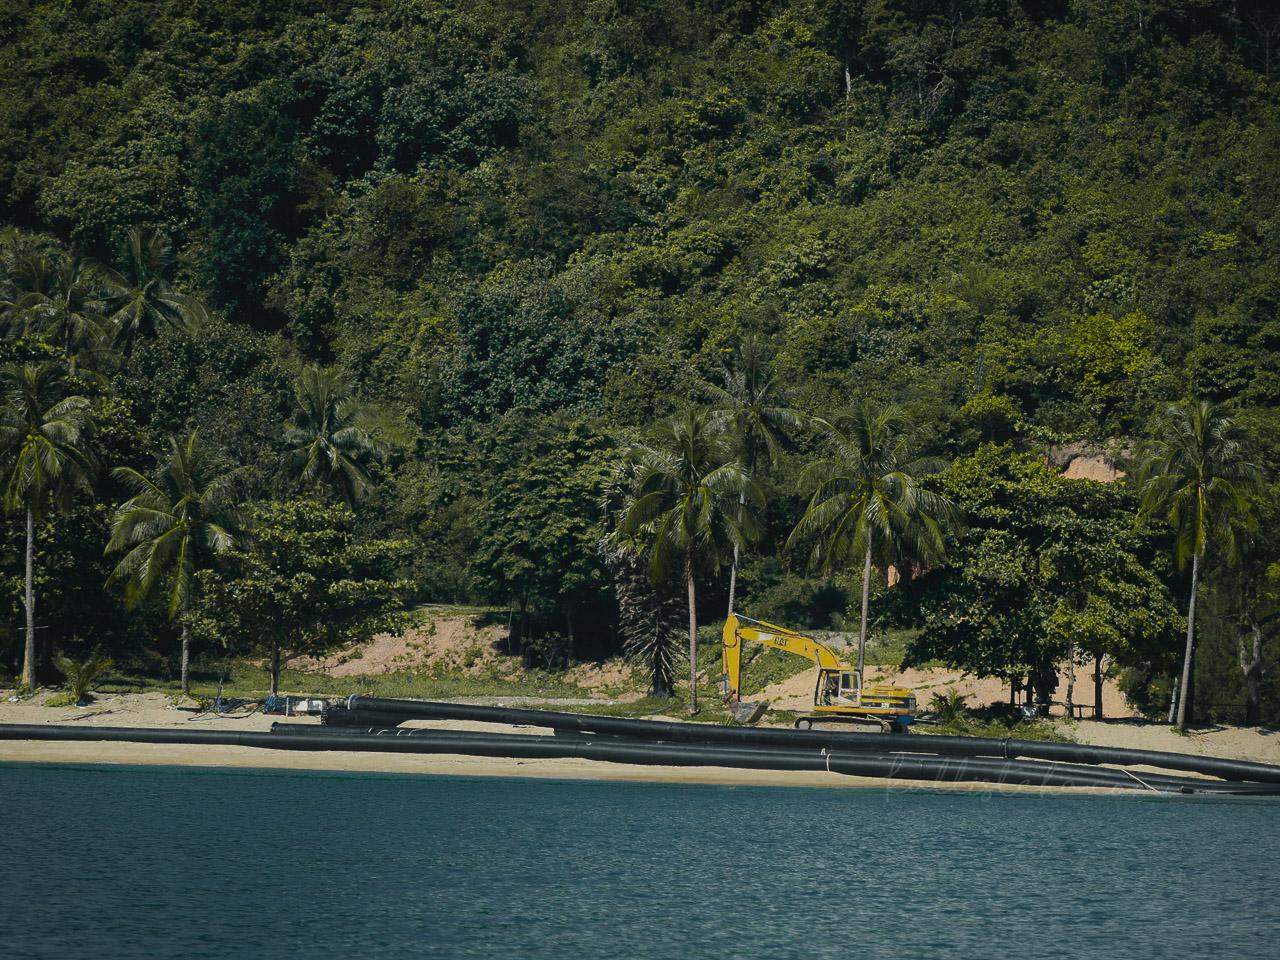 La vérité sur la Thailande - Kallisteha, blog voyage - IG @nouveaux_regards